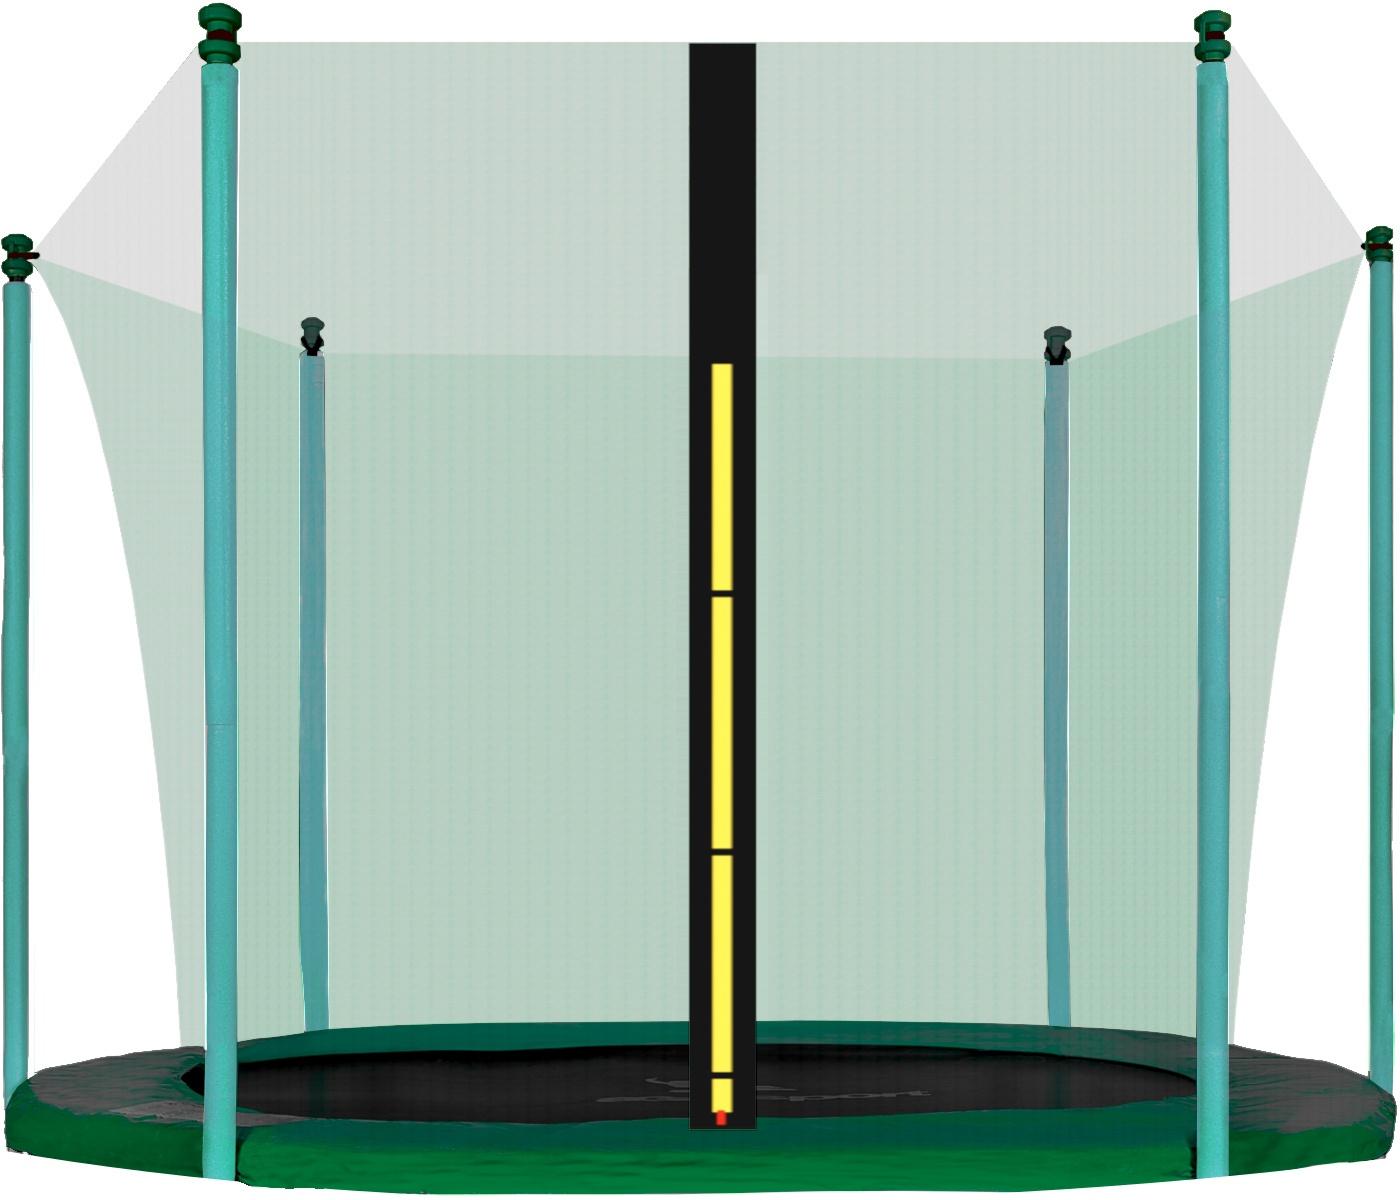 Aga Vnitřní ochranná síť 250 cm na 6 tyčí Green